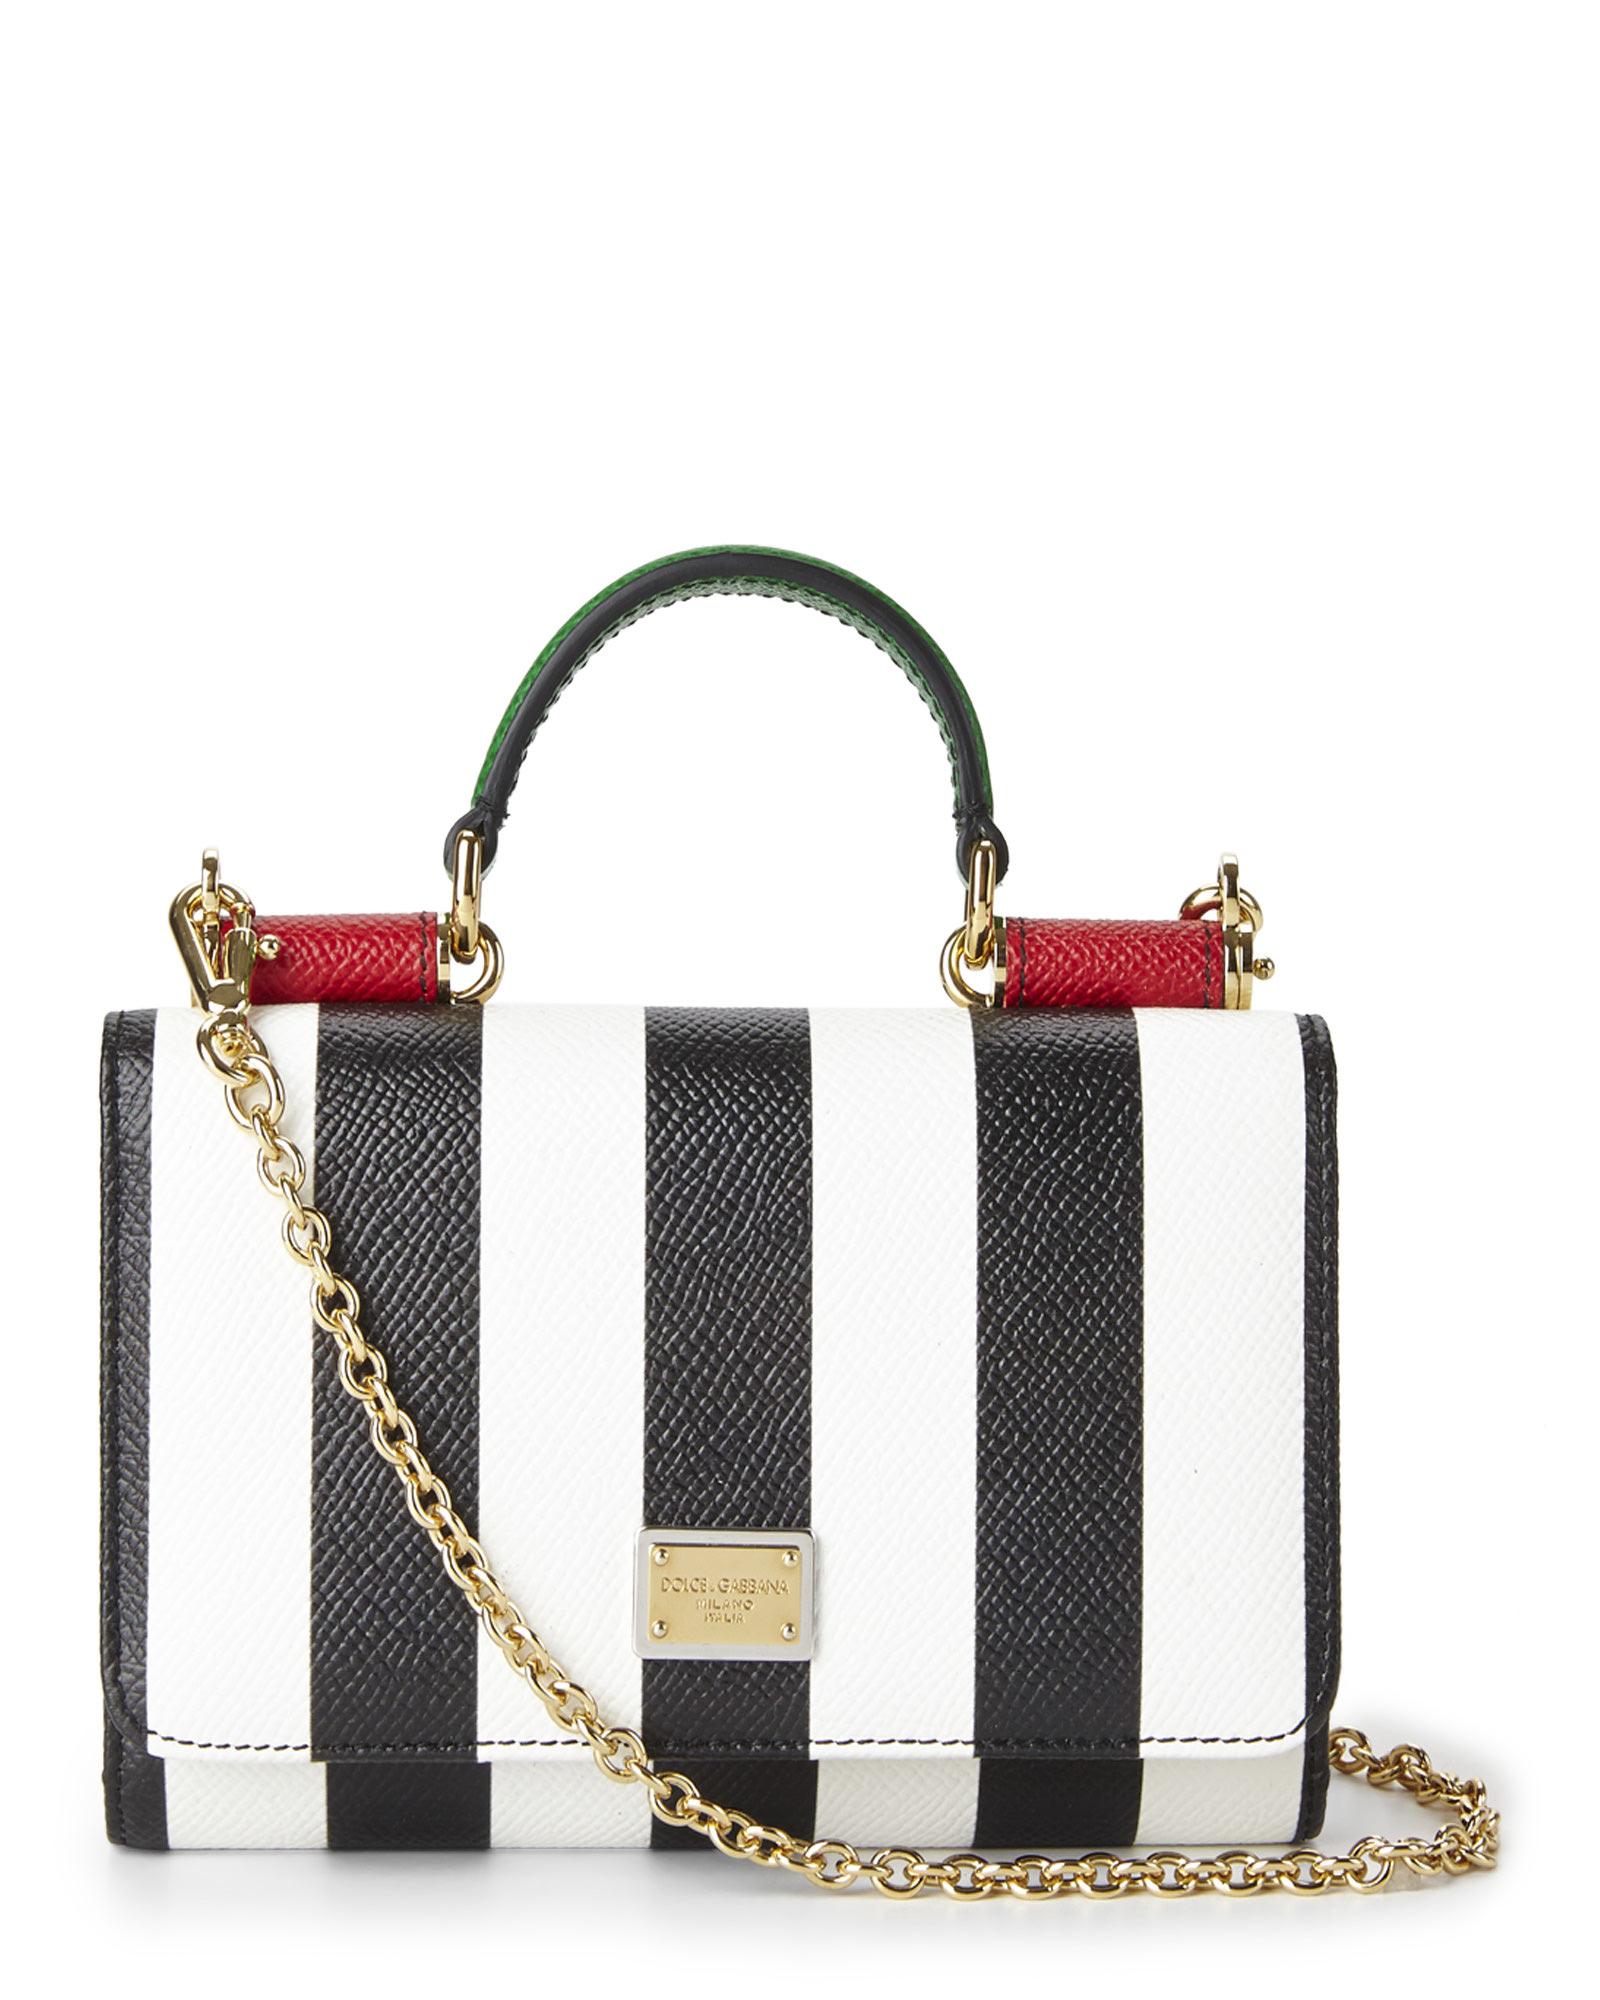 Century 21 Handbags Best Handbag 2018